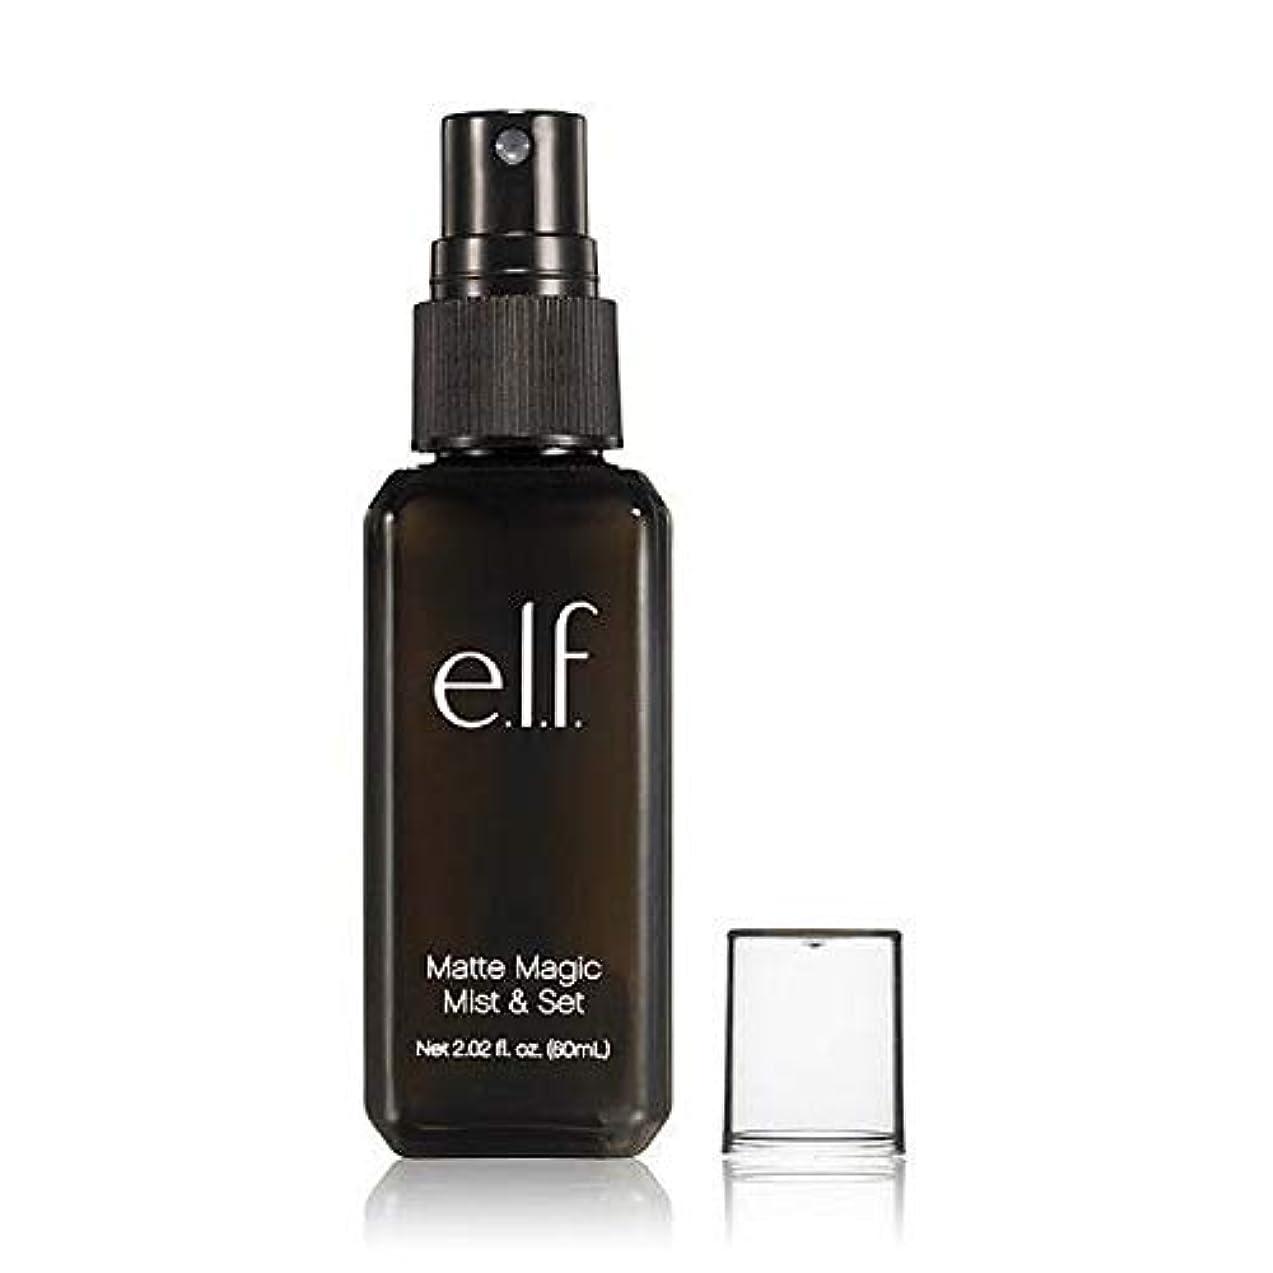 パブ領域ドラッグ[Elf ] ミスト&セットスプレーを照らすE.L.F - e.l.f Illuminating Mist & Set Spray [並行輸入品]